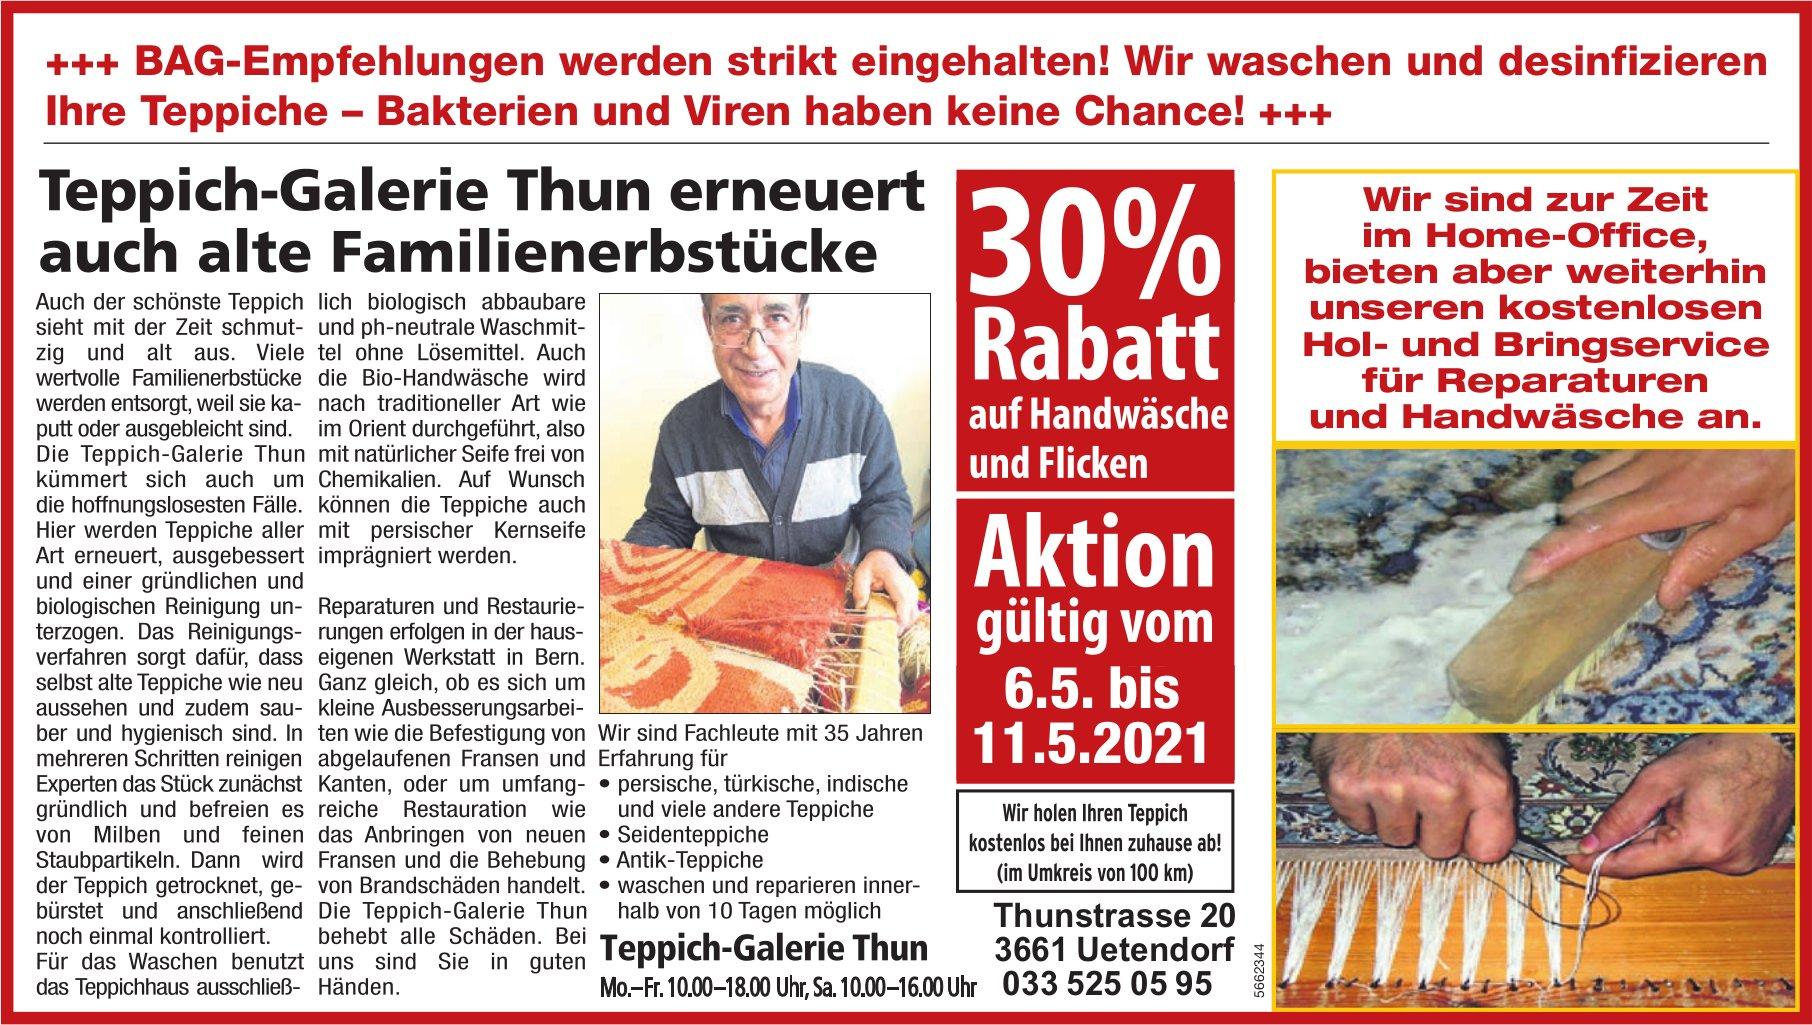 Teppich-Galerie Thun, Uetendorf - 30% Rabatt auf Handwäsche und Flicken bis 11. Mai